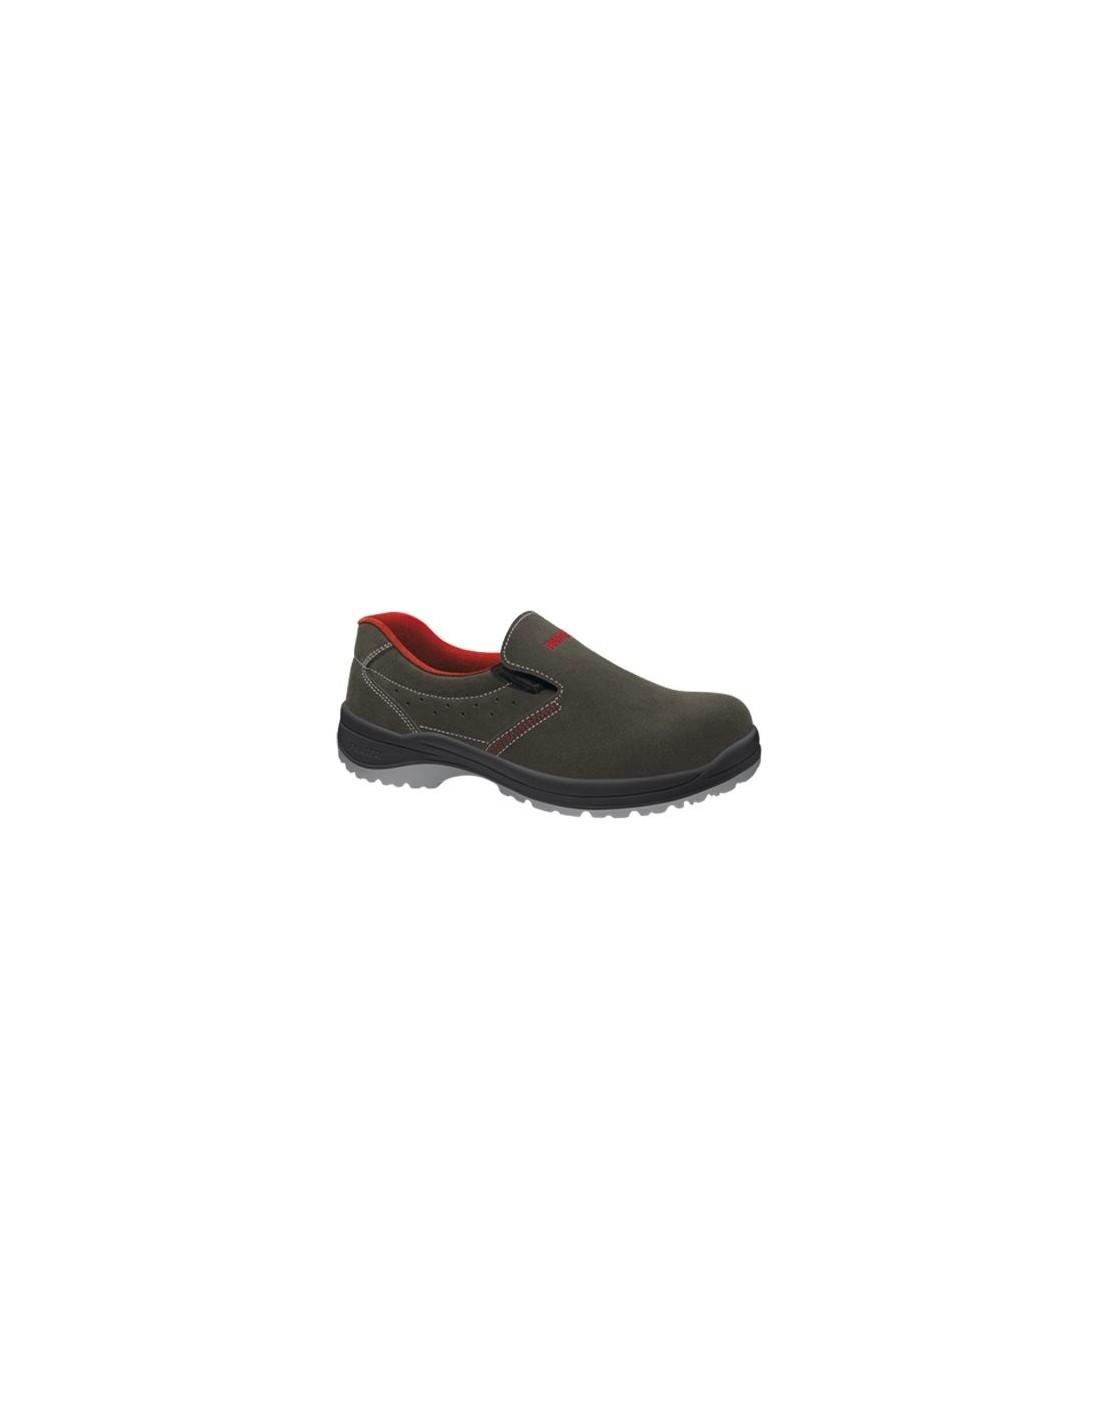 Apolo Bricomel Nº46 Zapato Panter Link S1p Gris 5H4ZH0